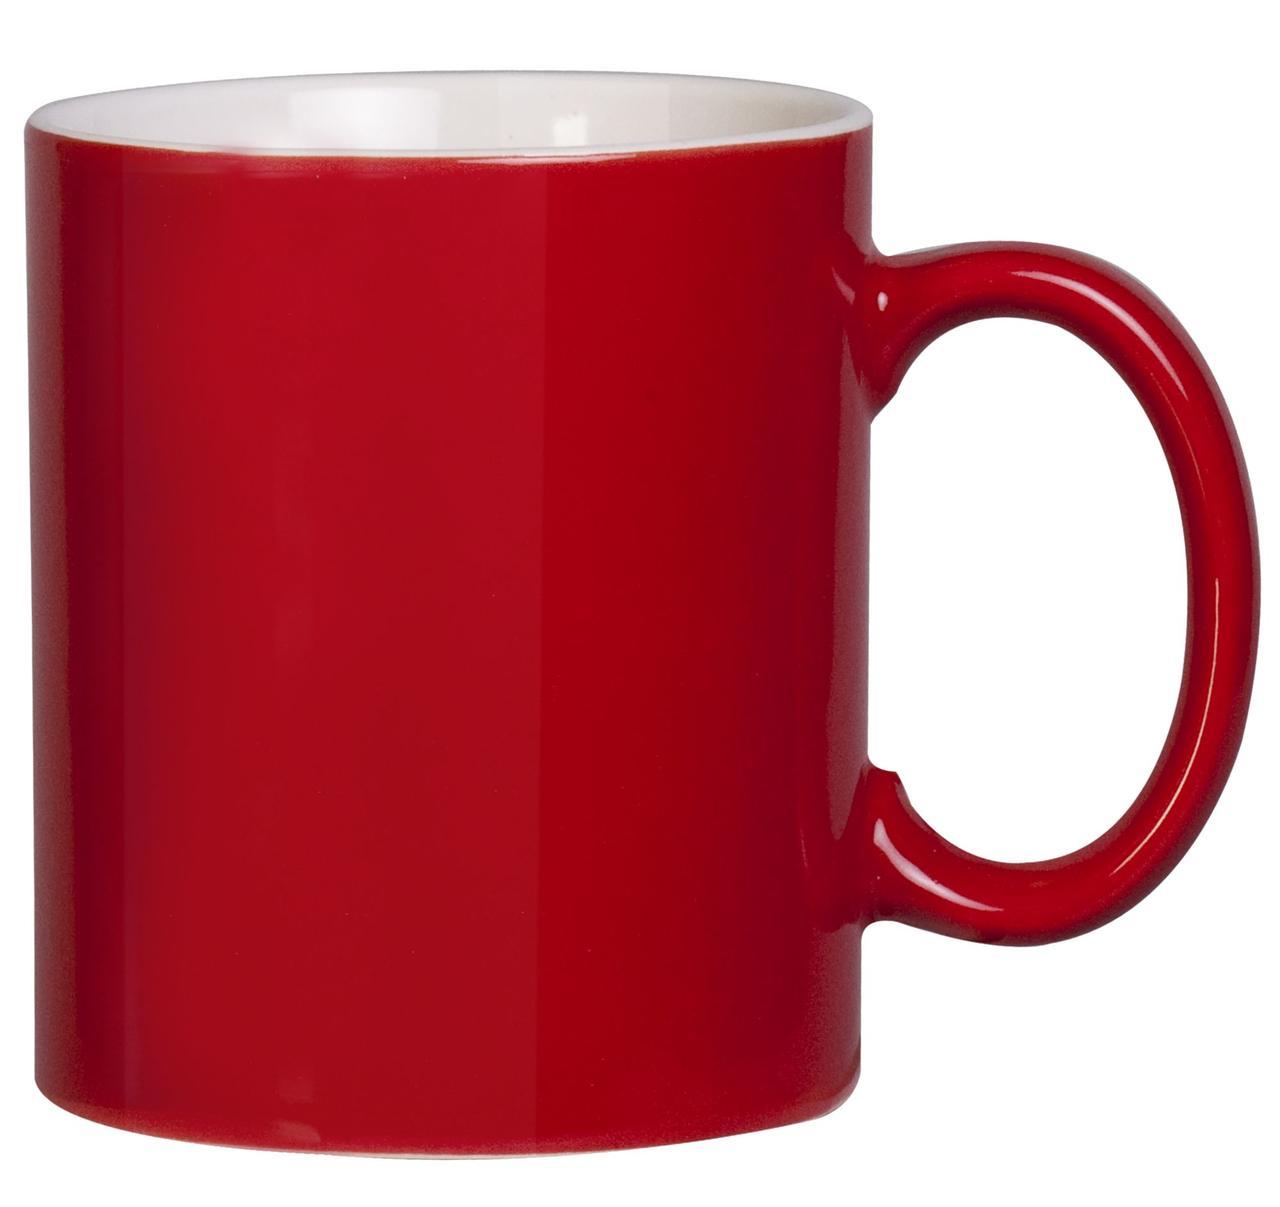 Кружка Promo, красная (артикул 4534.50)